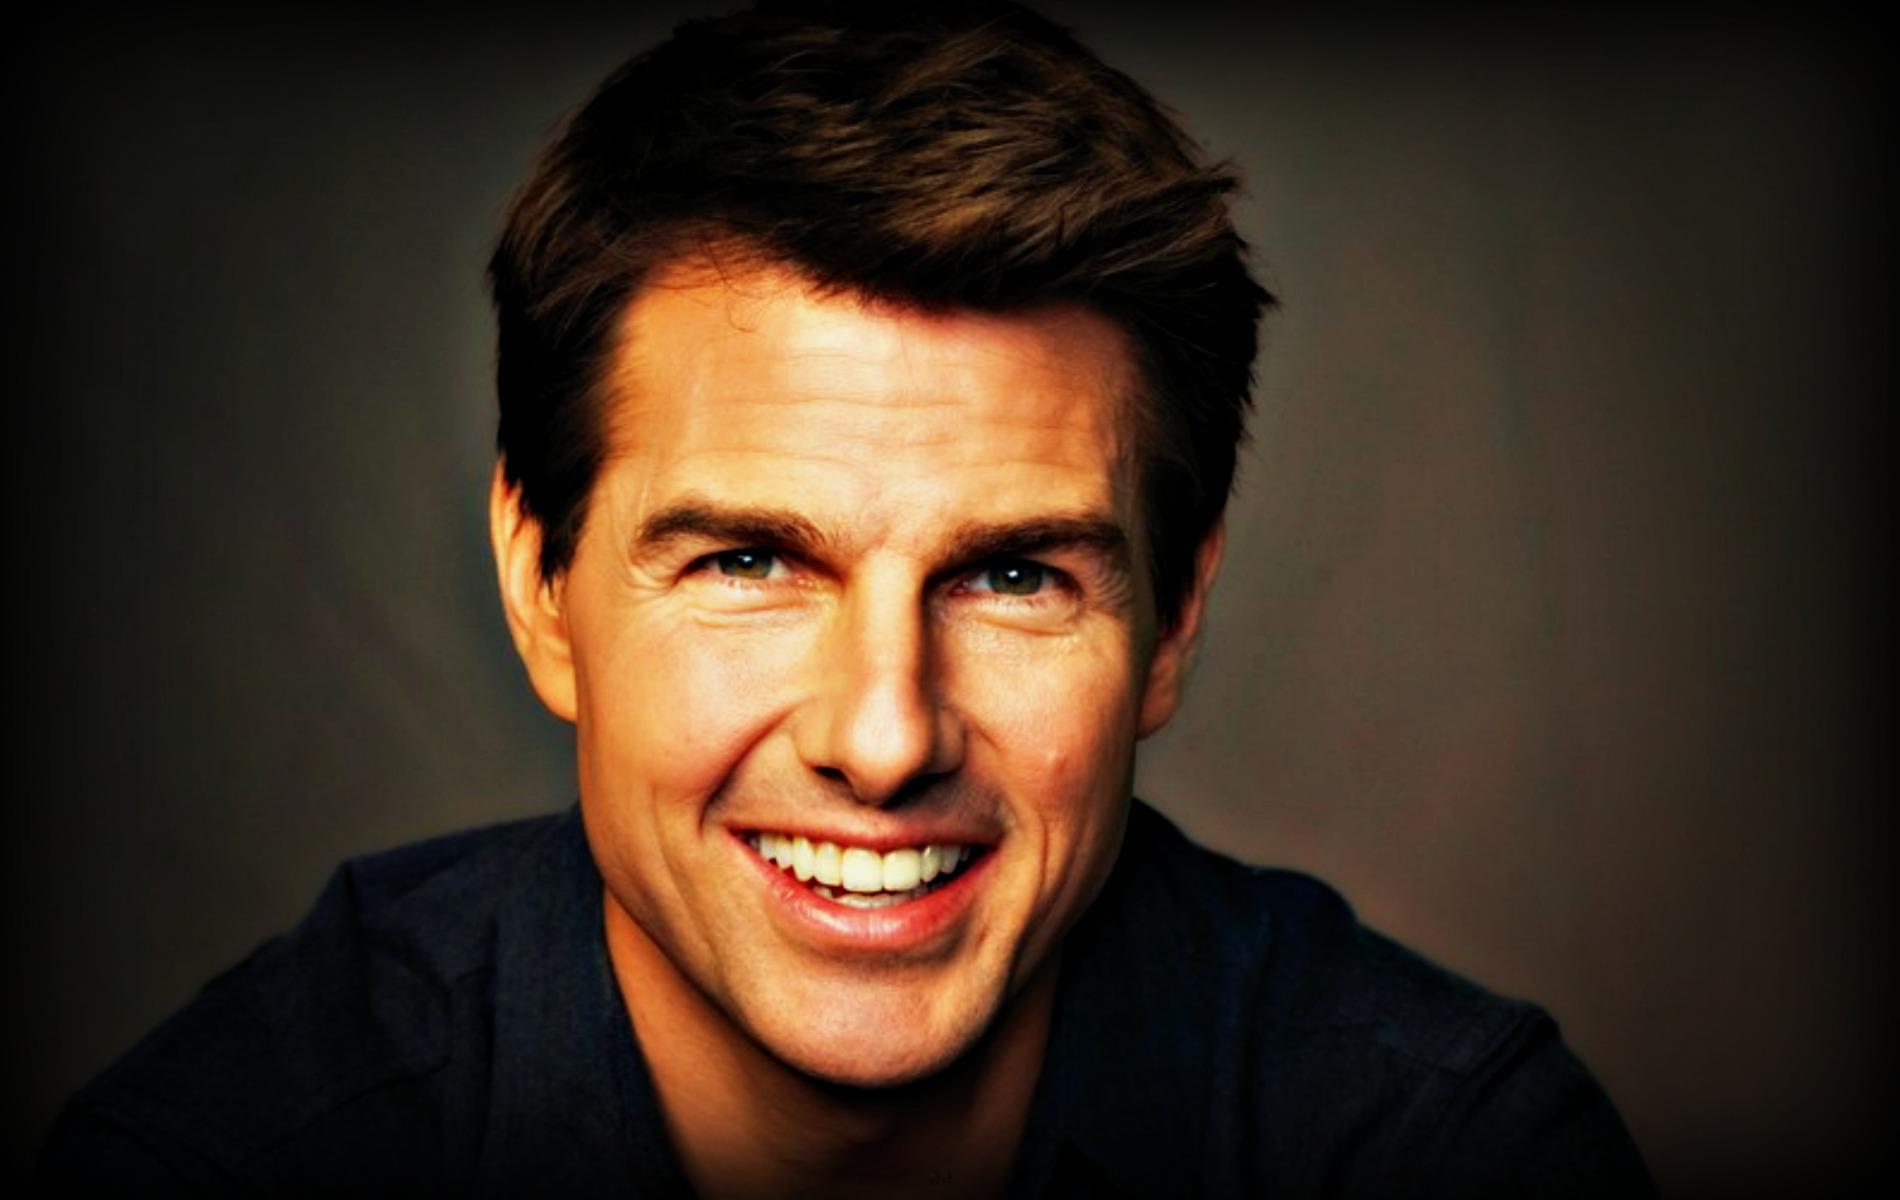 50 Hi Res Wallpaper Tom Cruise On Wallpapersafari